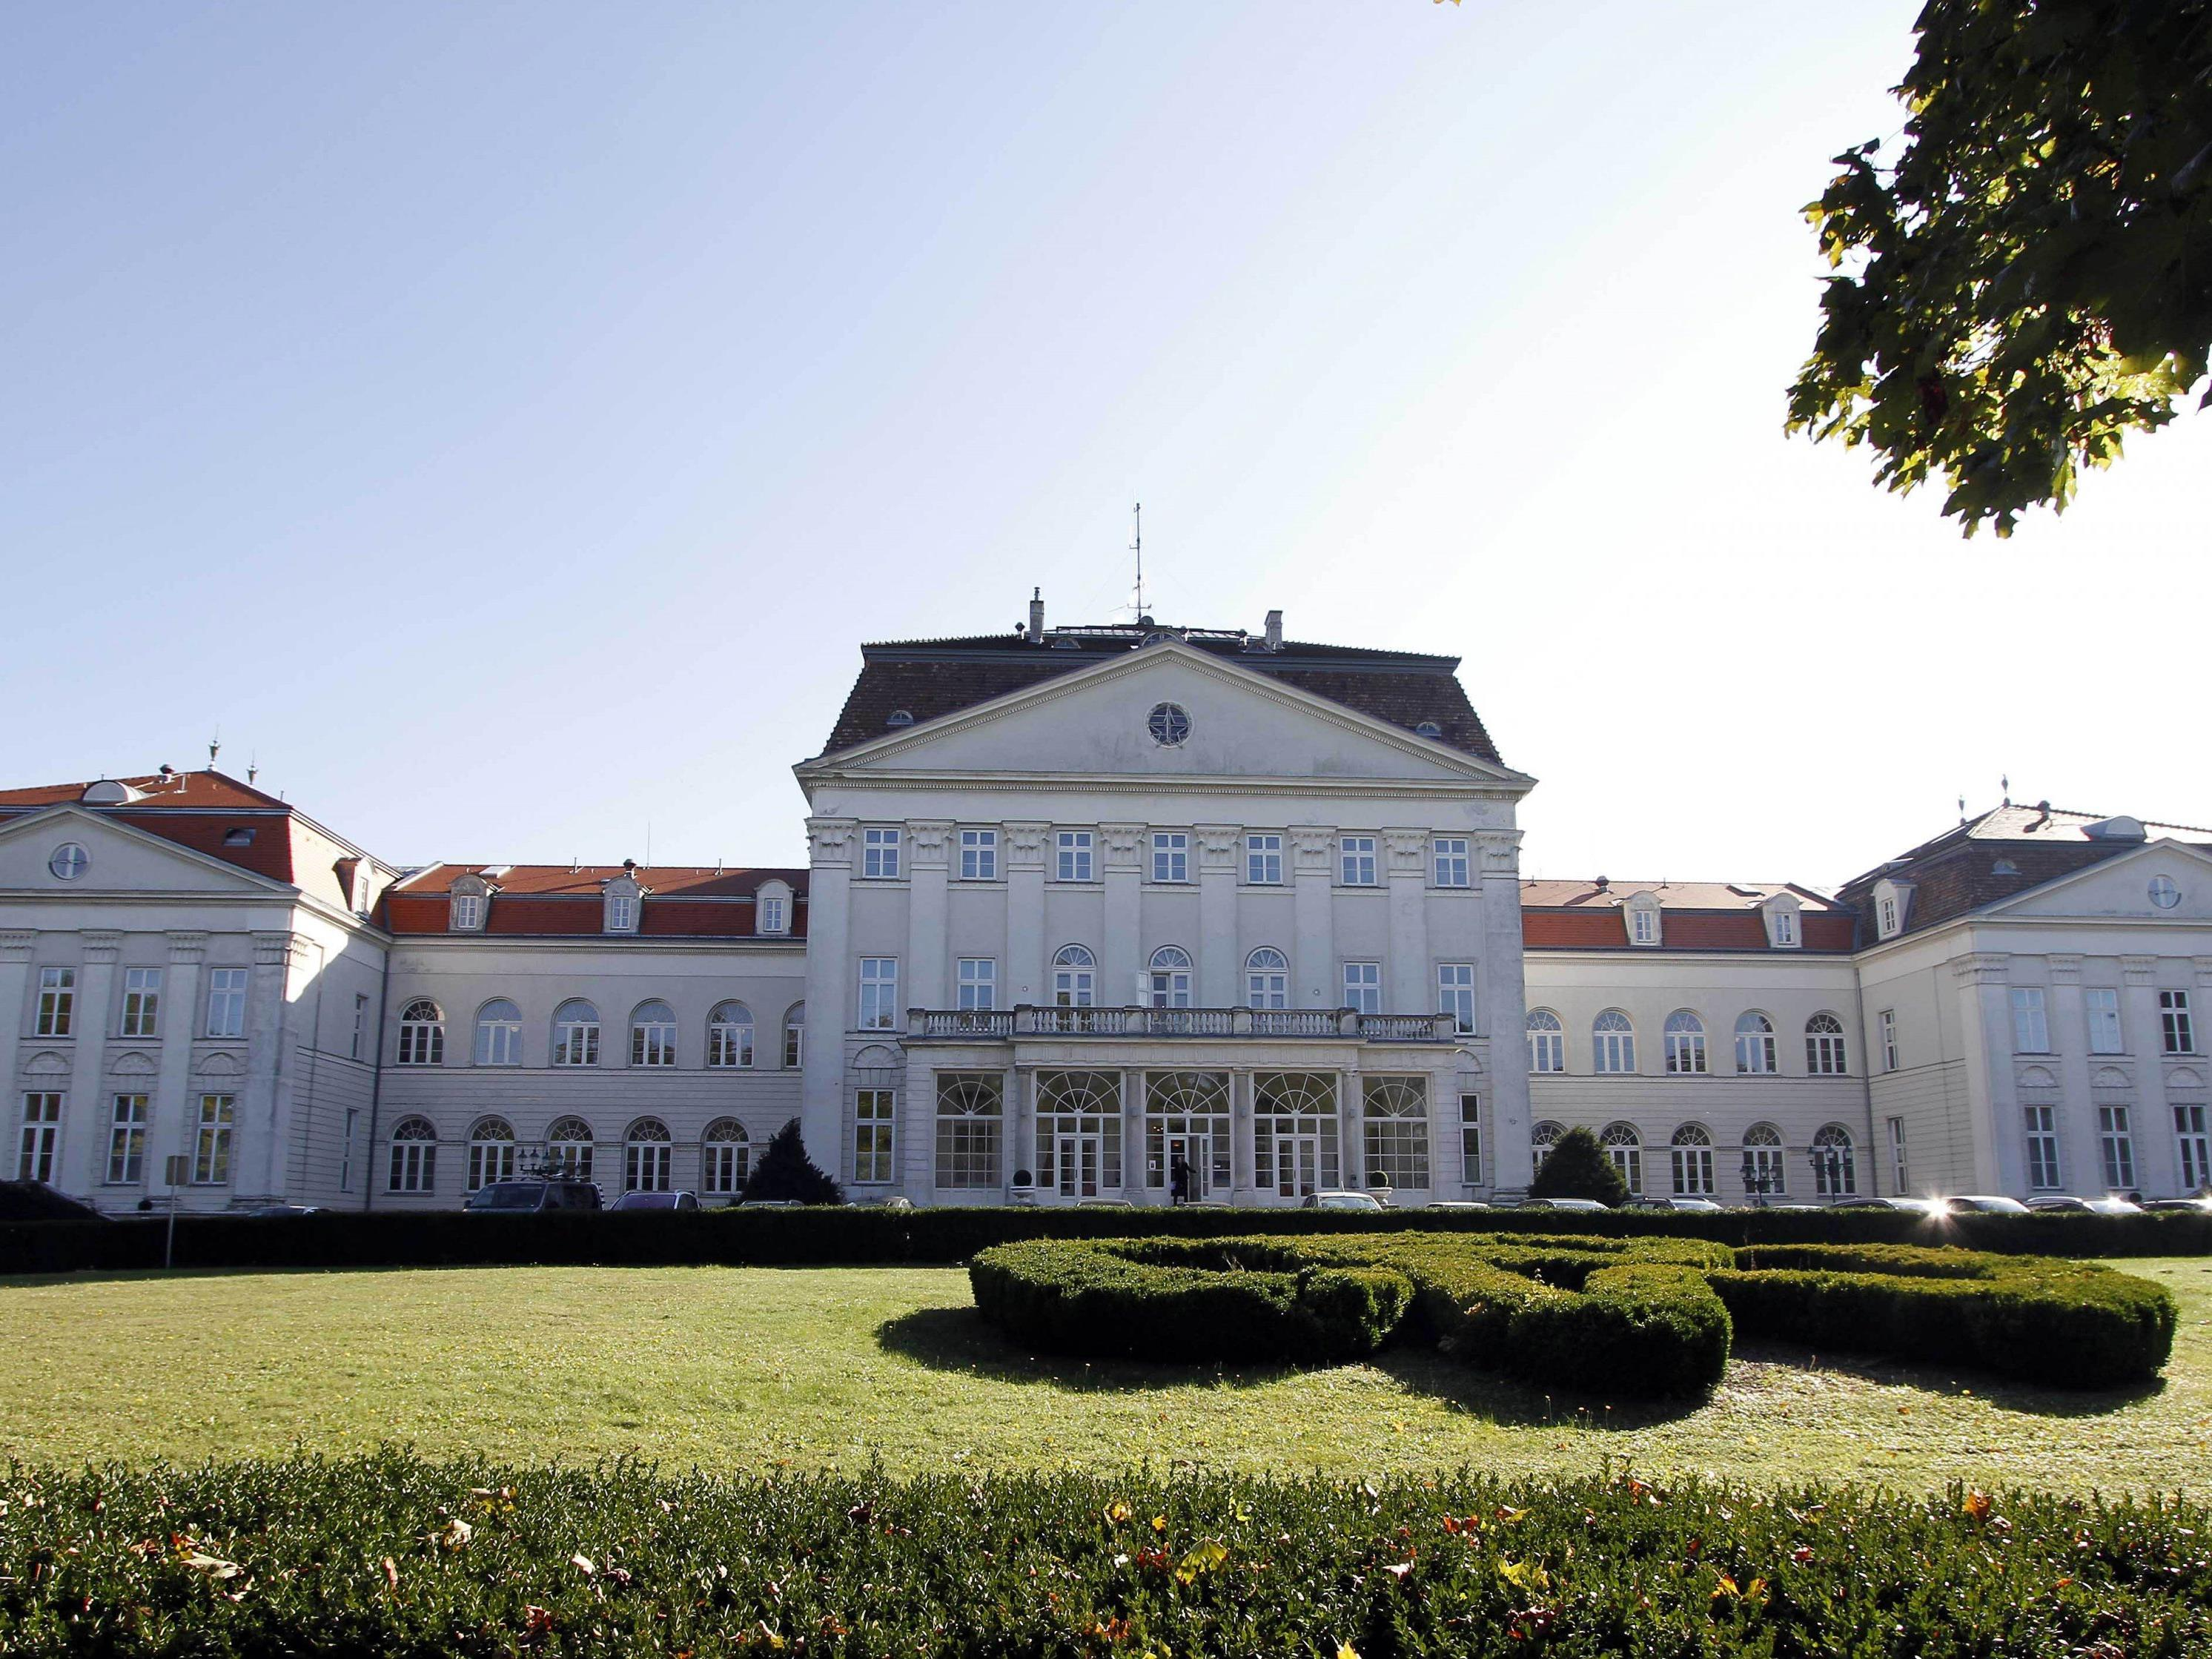 Das Schloss Wilhelminenberg in Wien.